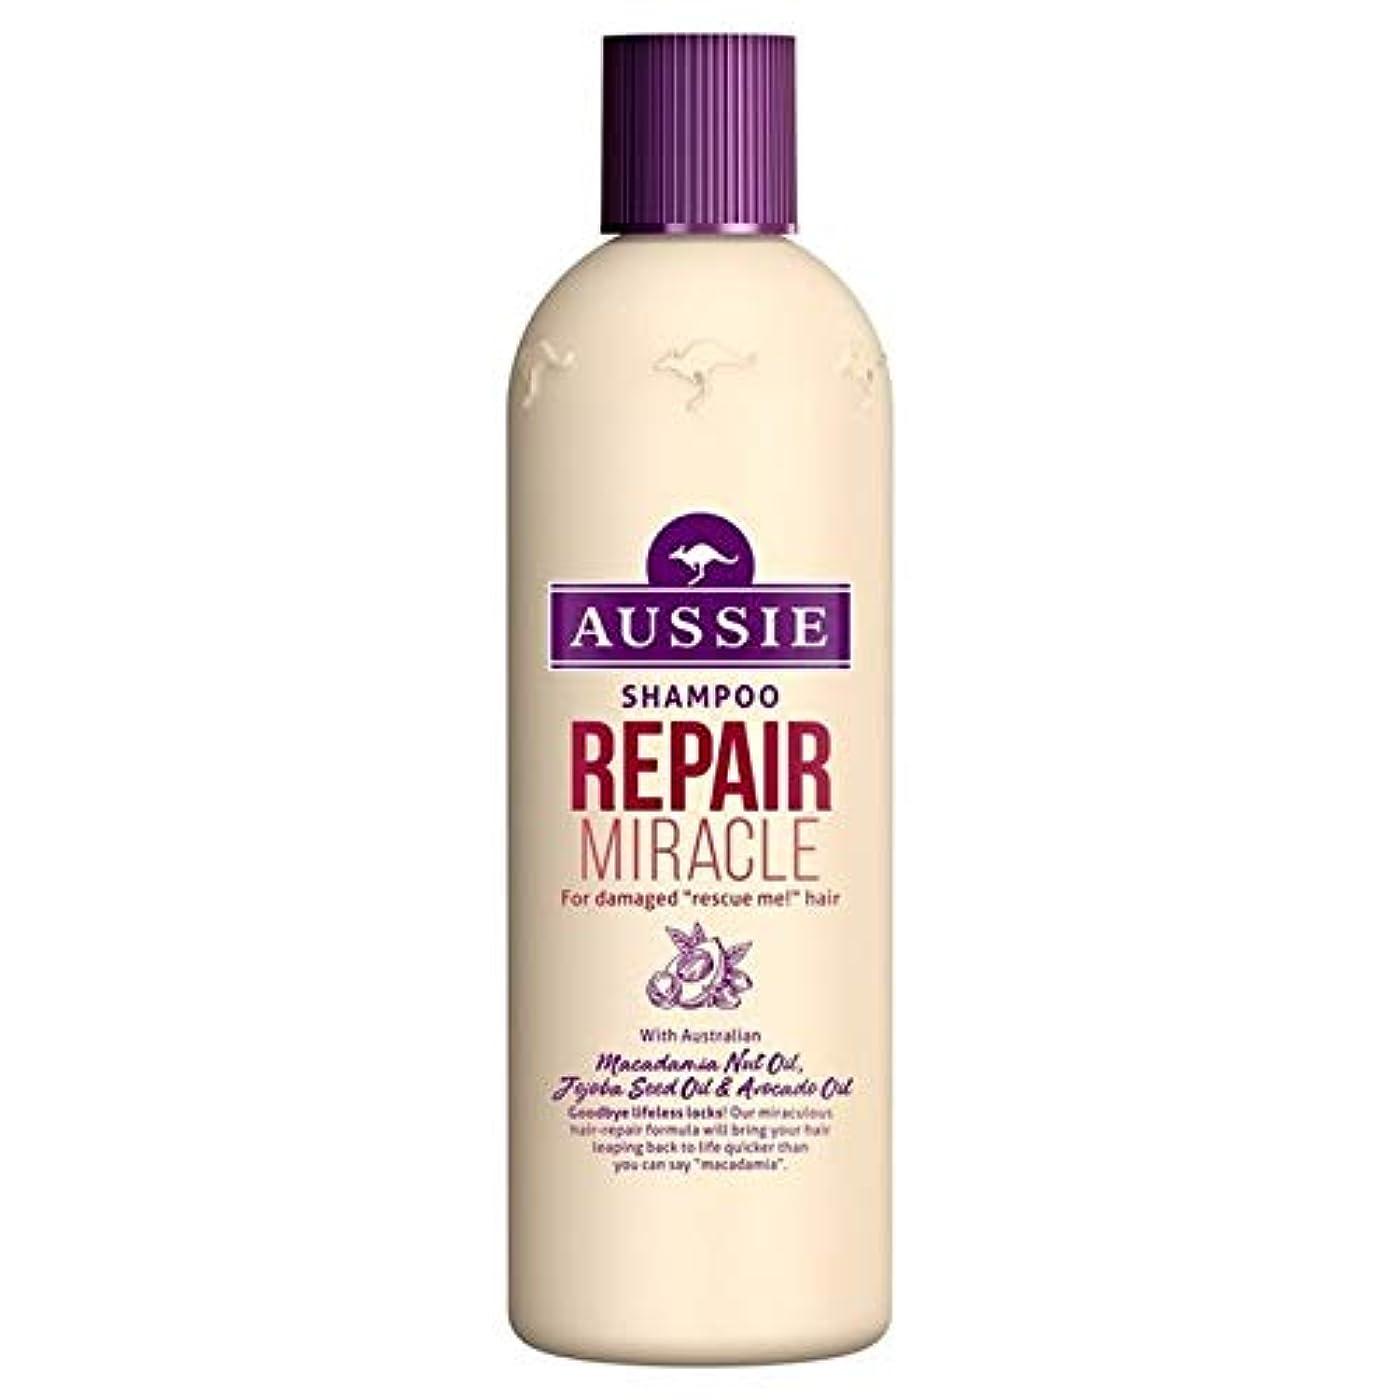 グリップセラフ病[Aussie ] いたずらな髪の300ミリリットルのすべての種類のオージーシャンプーの修理の奇跡 - Aussie Shampoo Repair Miracle for All Kinds of Naughty Hair...